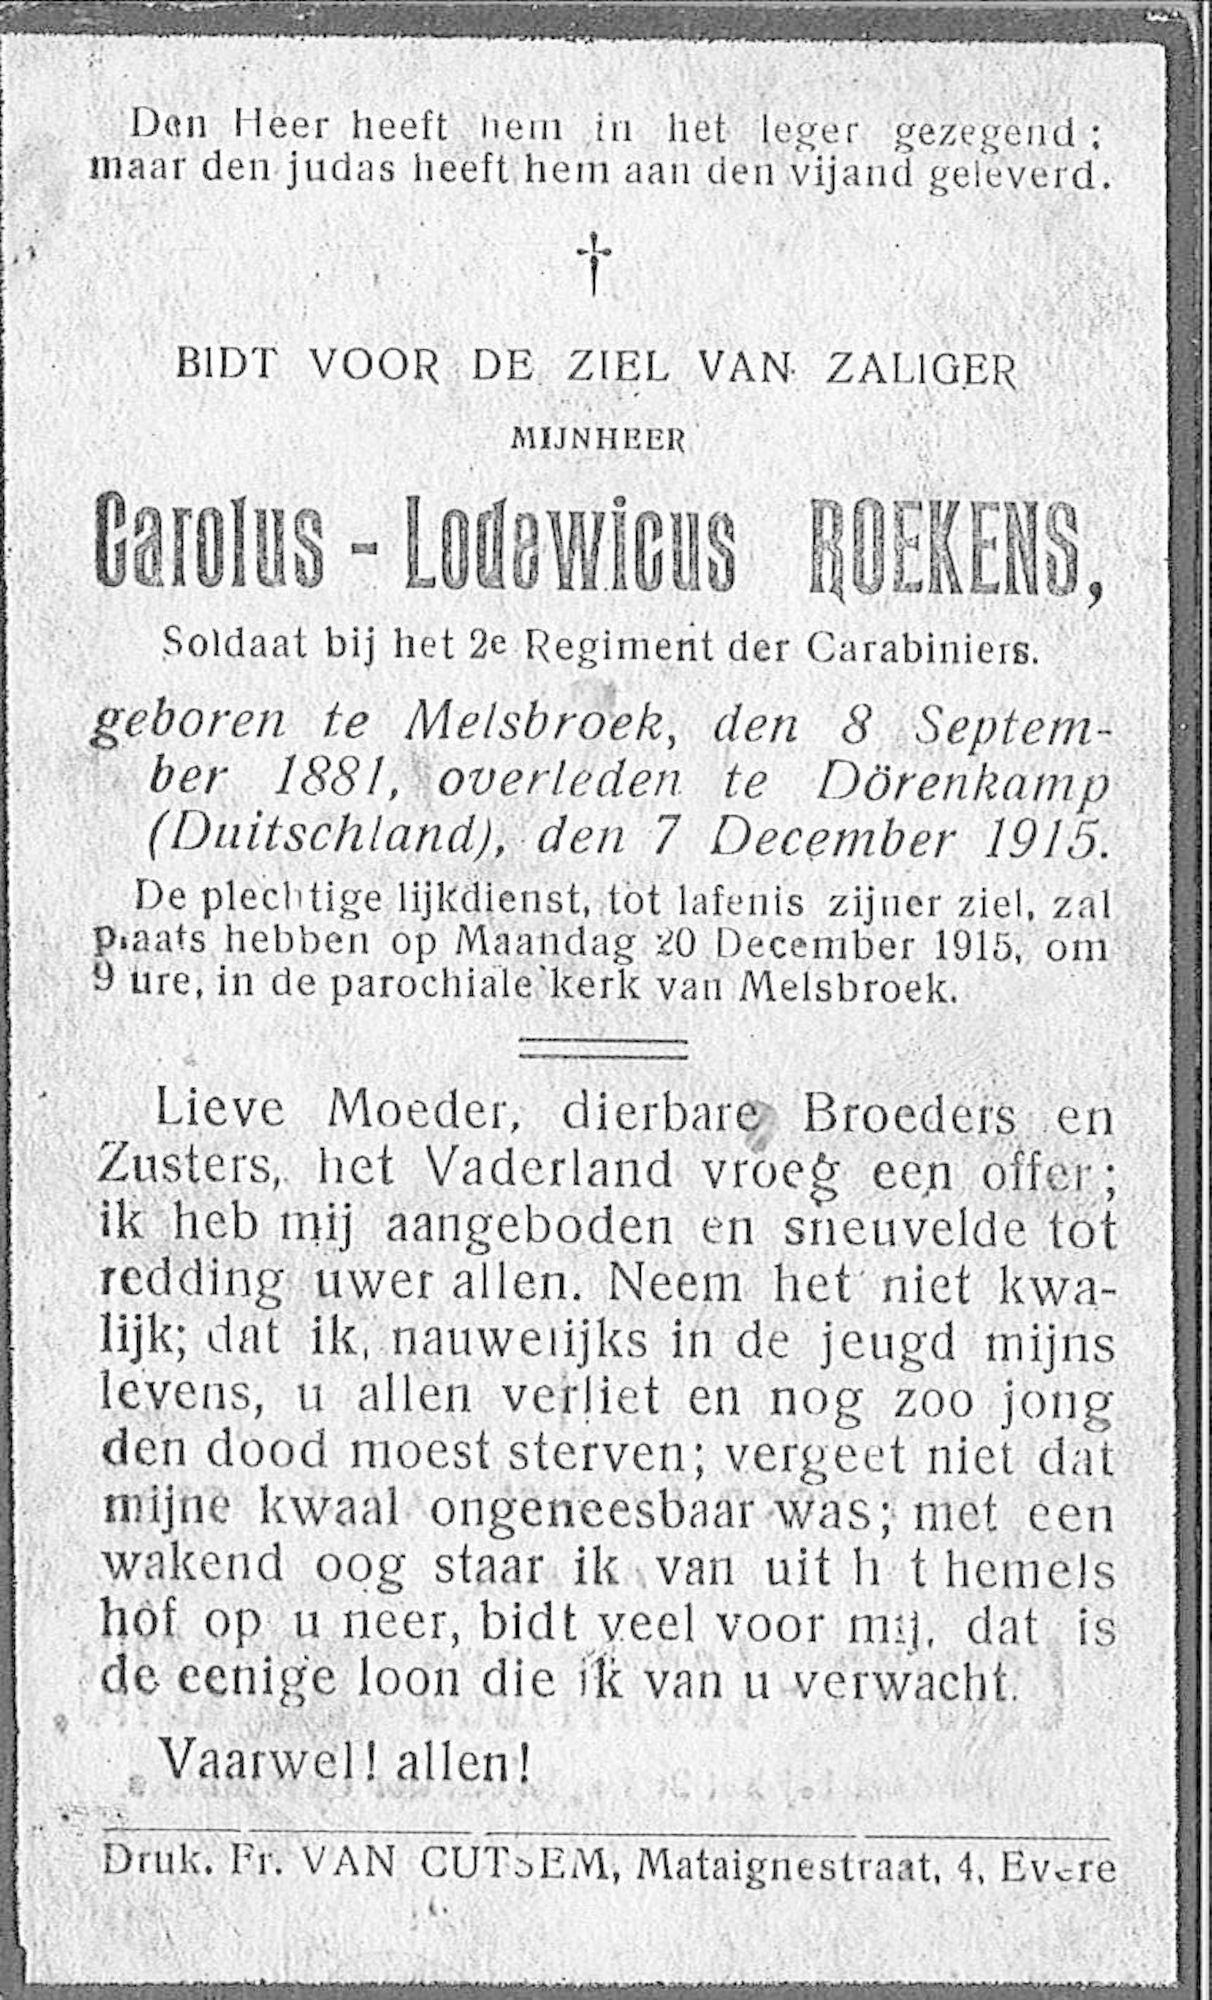 Roekens Carolus-Lodewicus